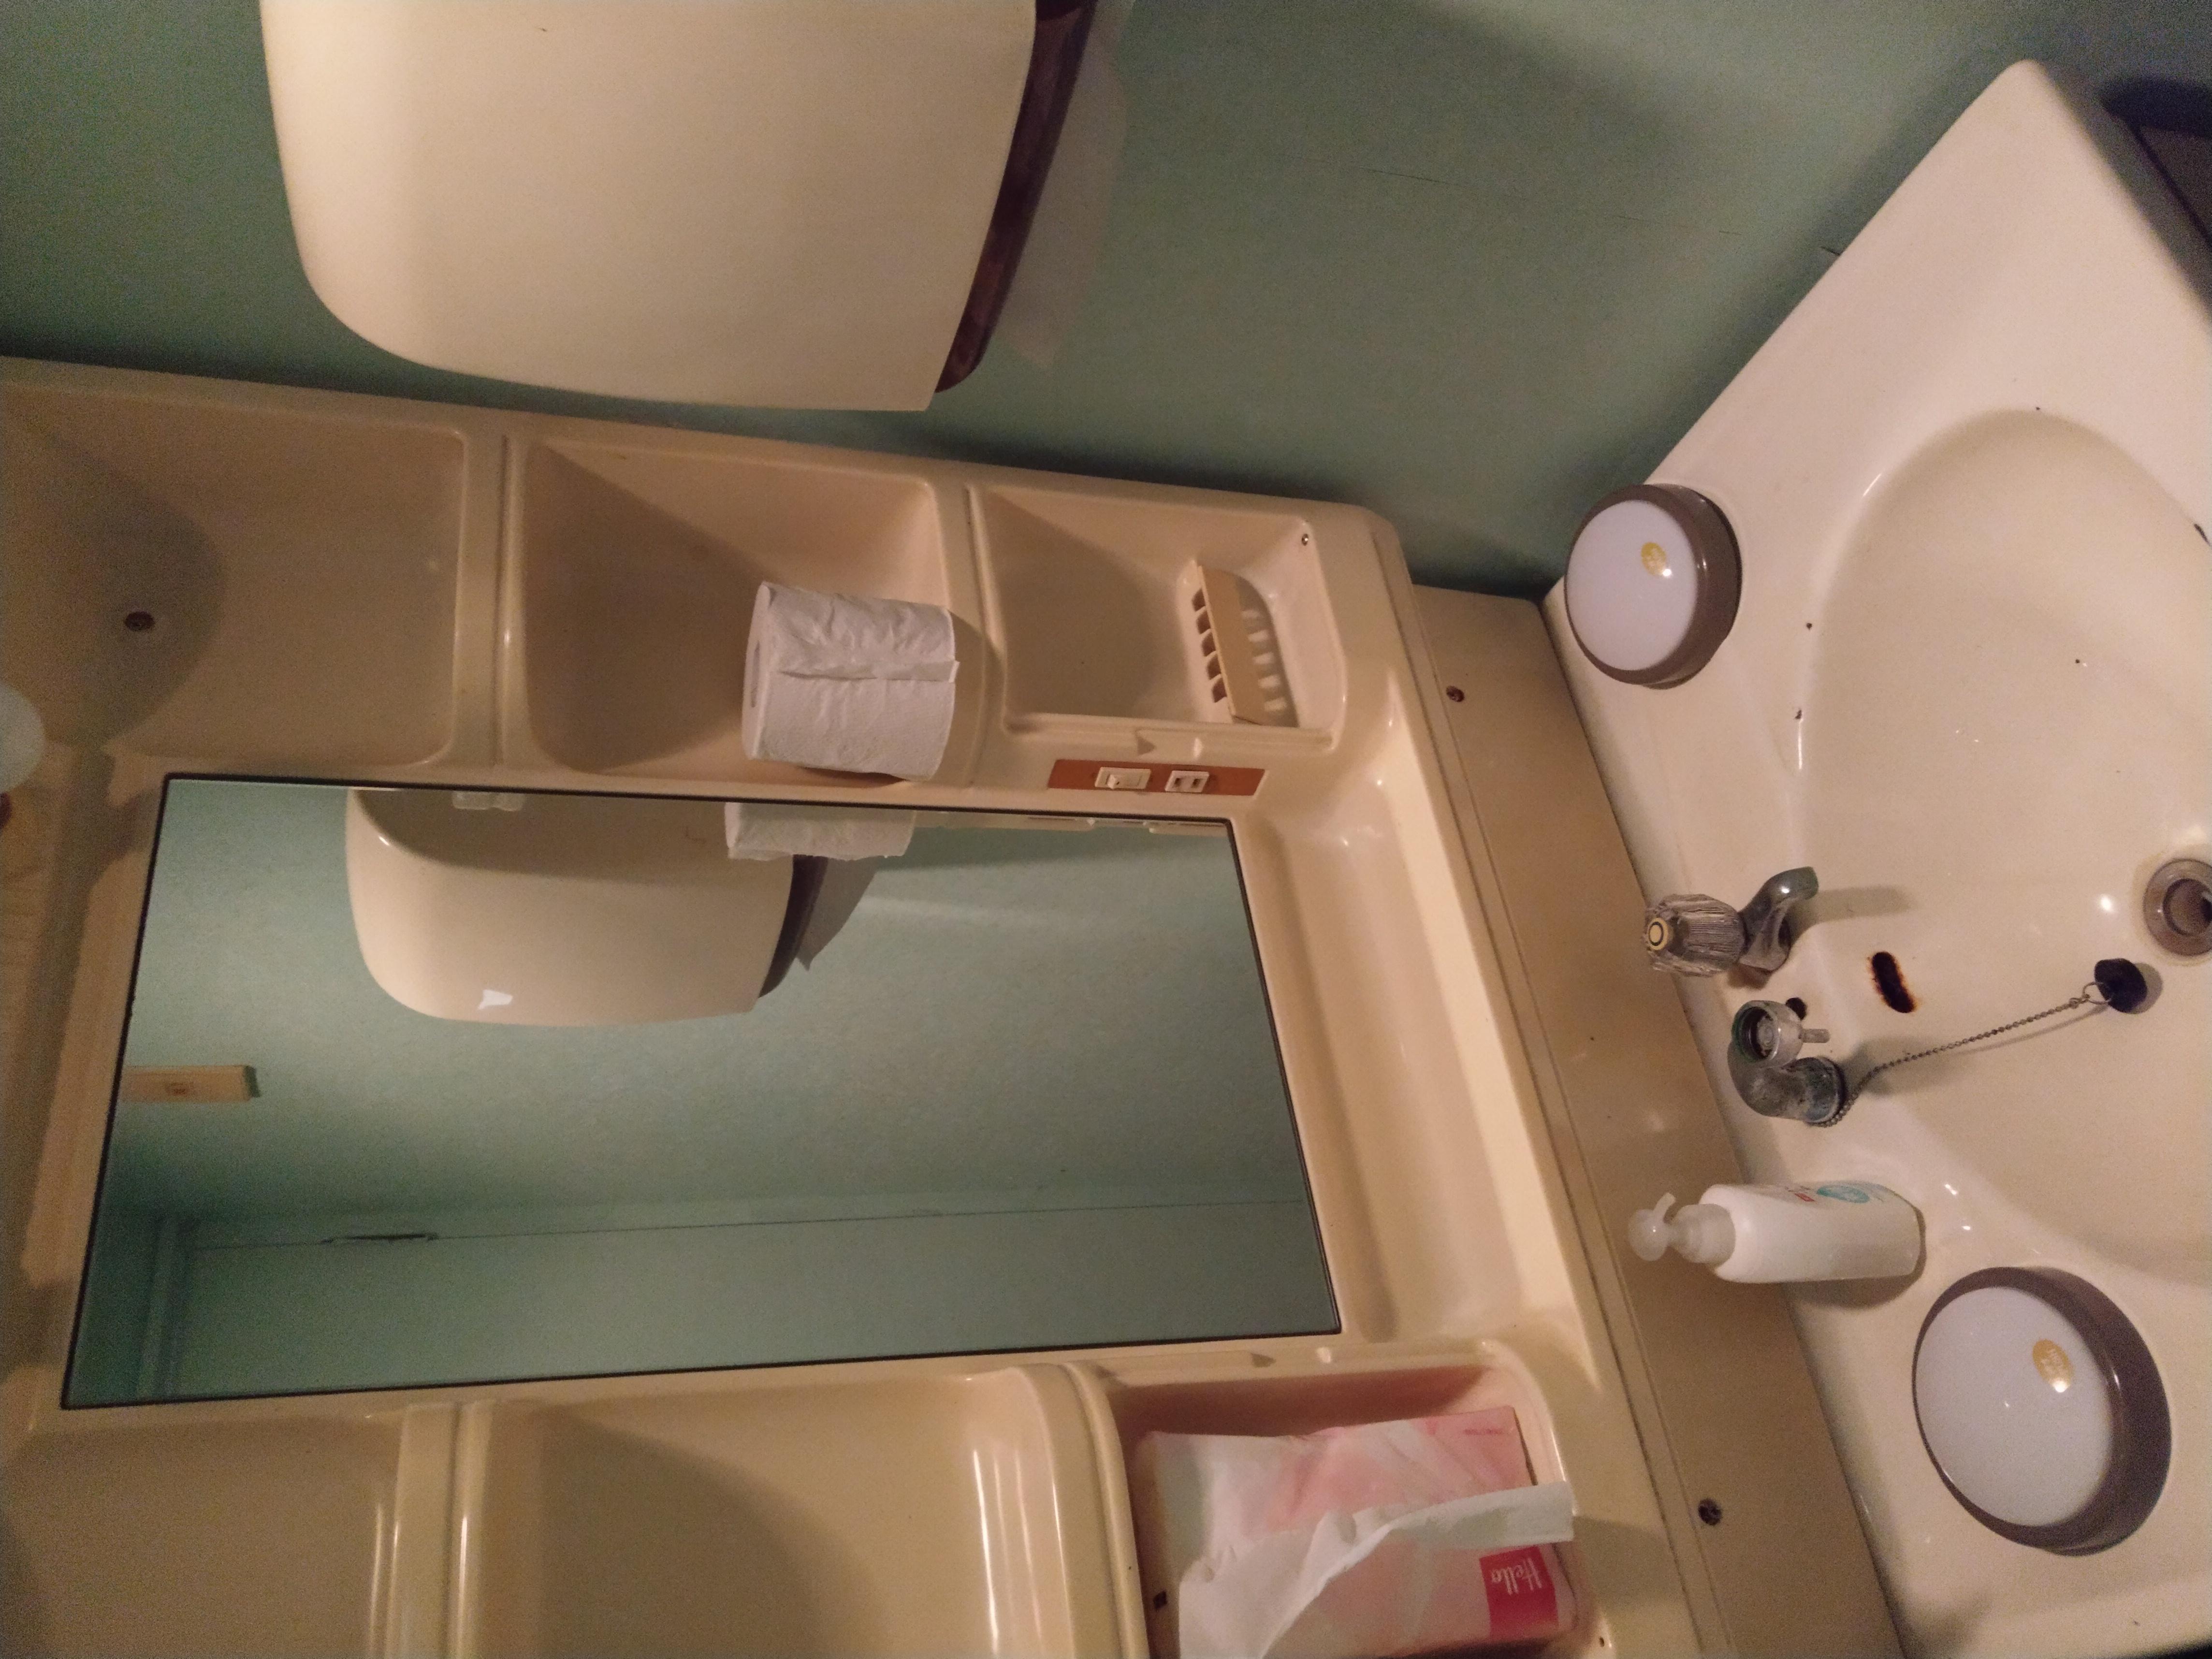 洗面台:ペーパータオル、ハンドソープ、トイレットペーパーは付属です。(お湯は出ません)